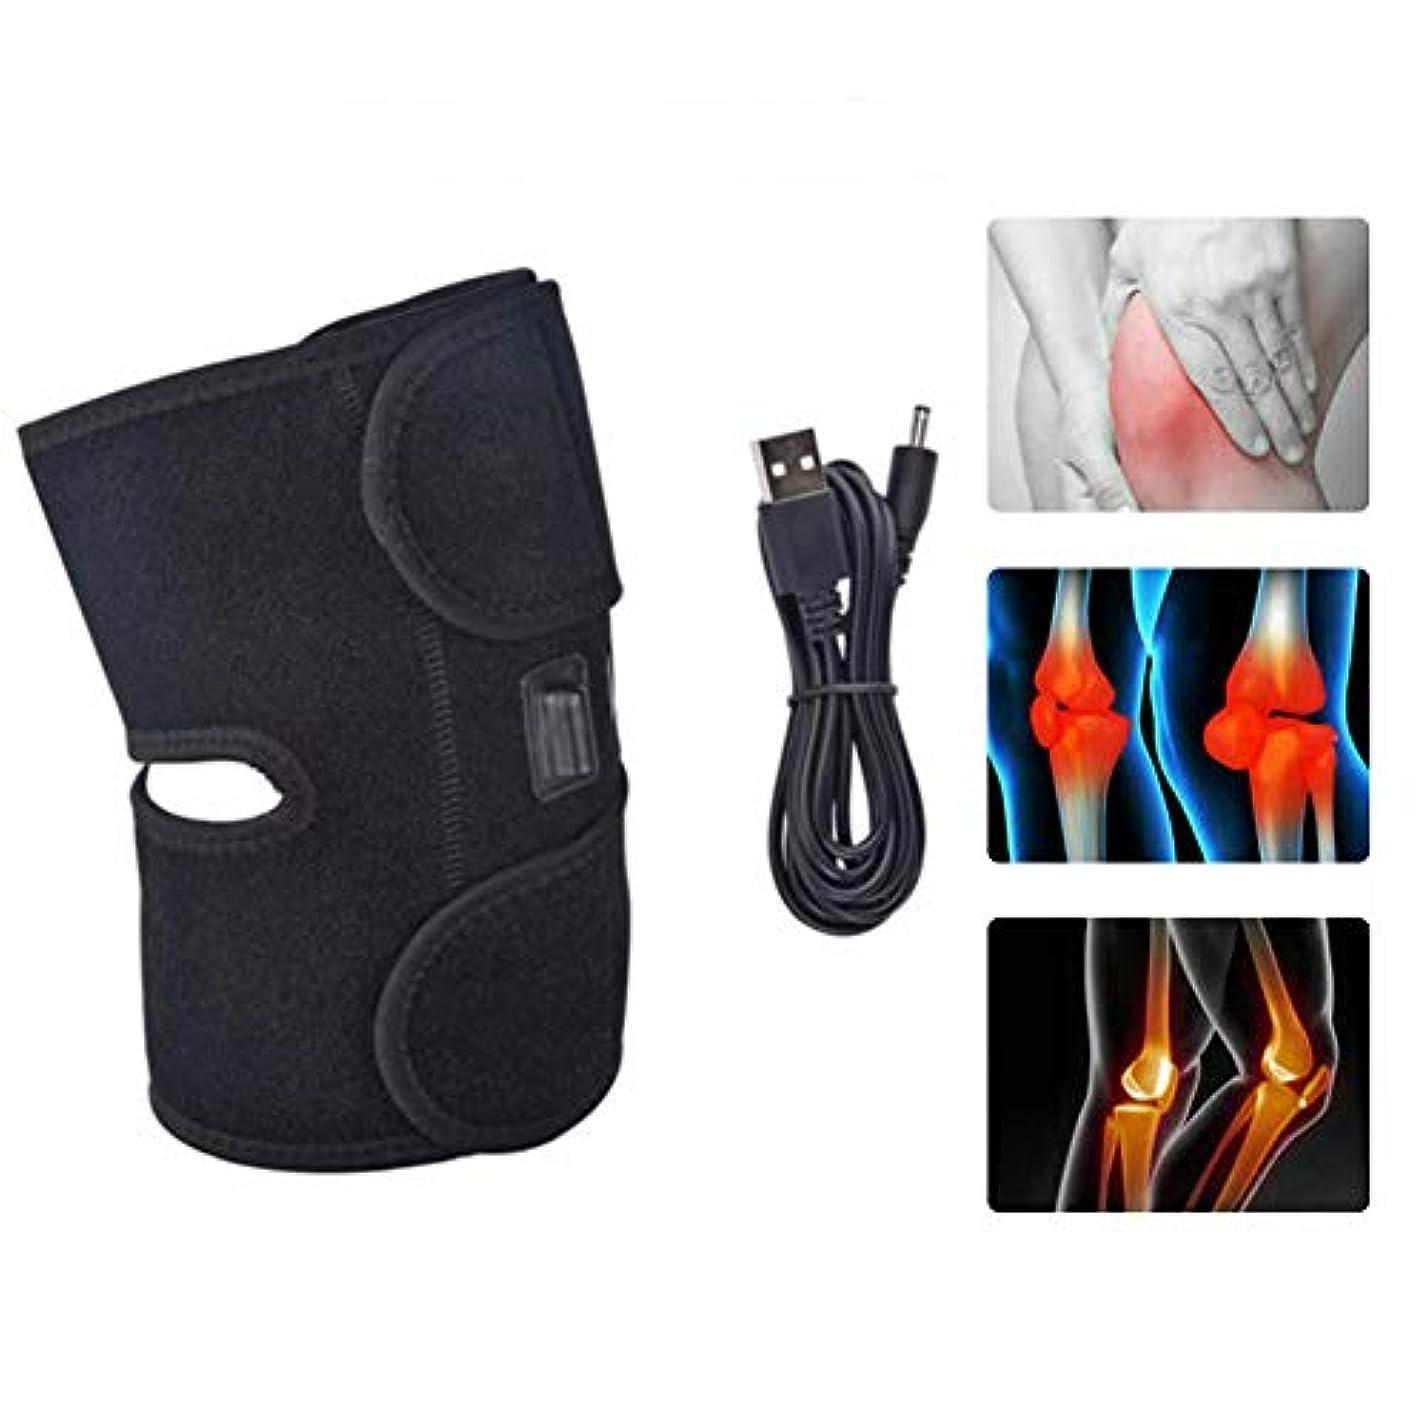 小さな男やもめ役員膝の怪我のための3つのファイル温度療法の熱い圧縮の熱くするパッド膝の暖かいラップが付いている電気暖房の膝支柱,2pcs